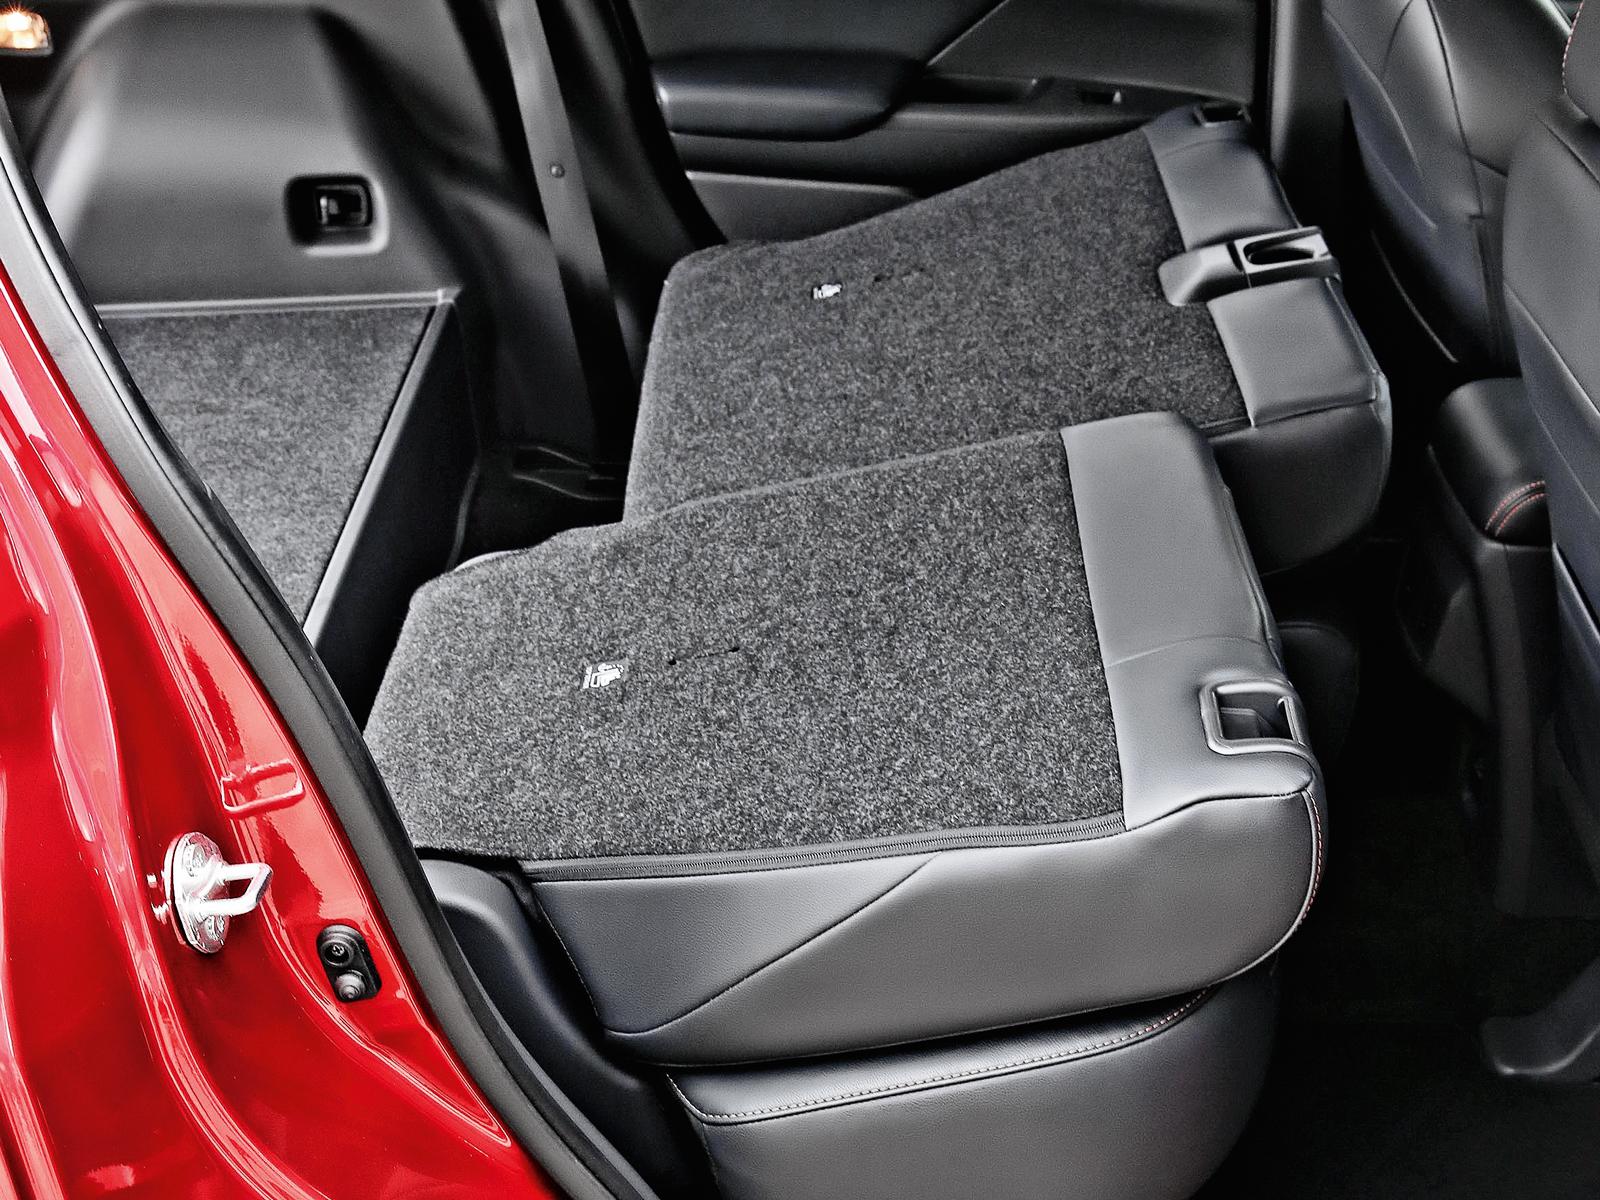 Além de bipartido, o banco traseiro é móvel, permitindo uma melhor acomodação de pessoas na cabine ou de bagagem no porta-malas